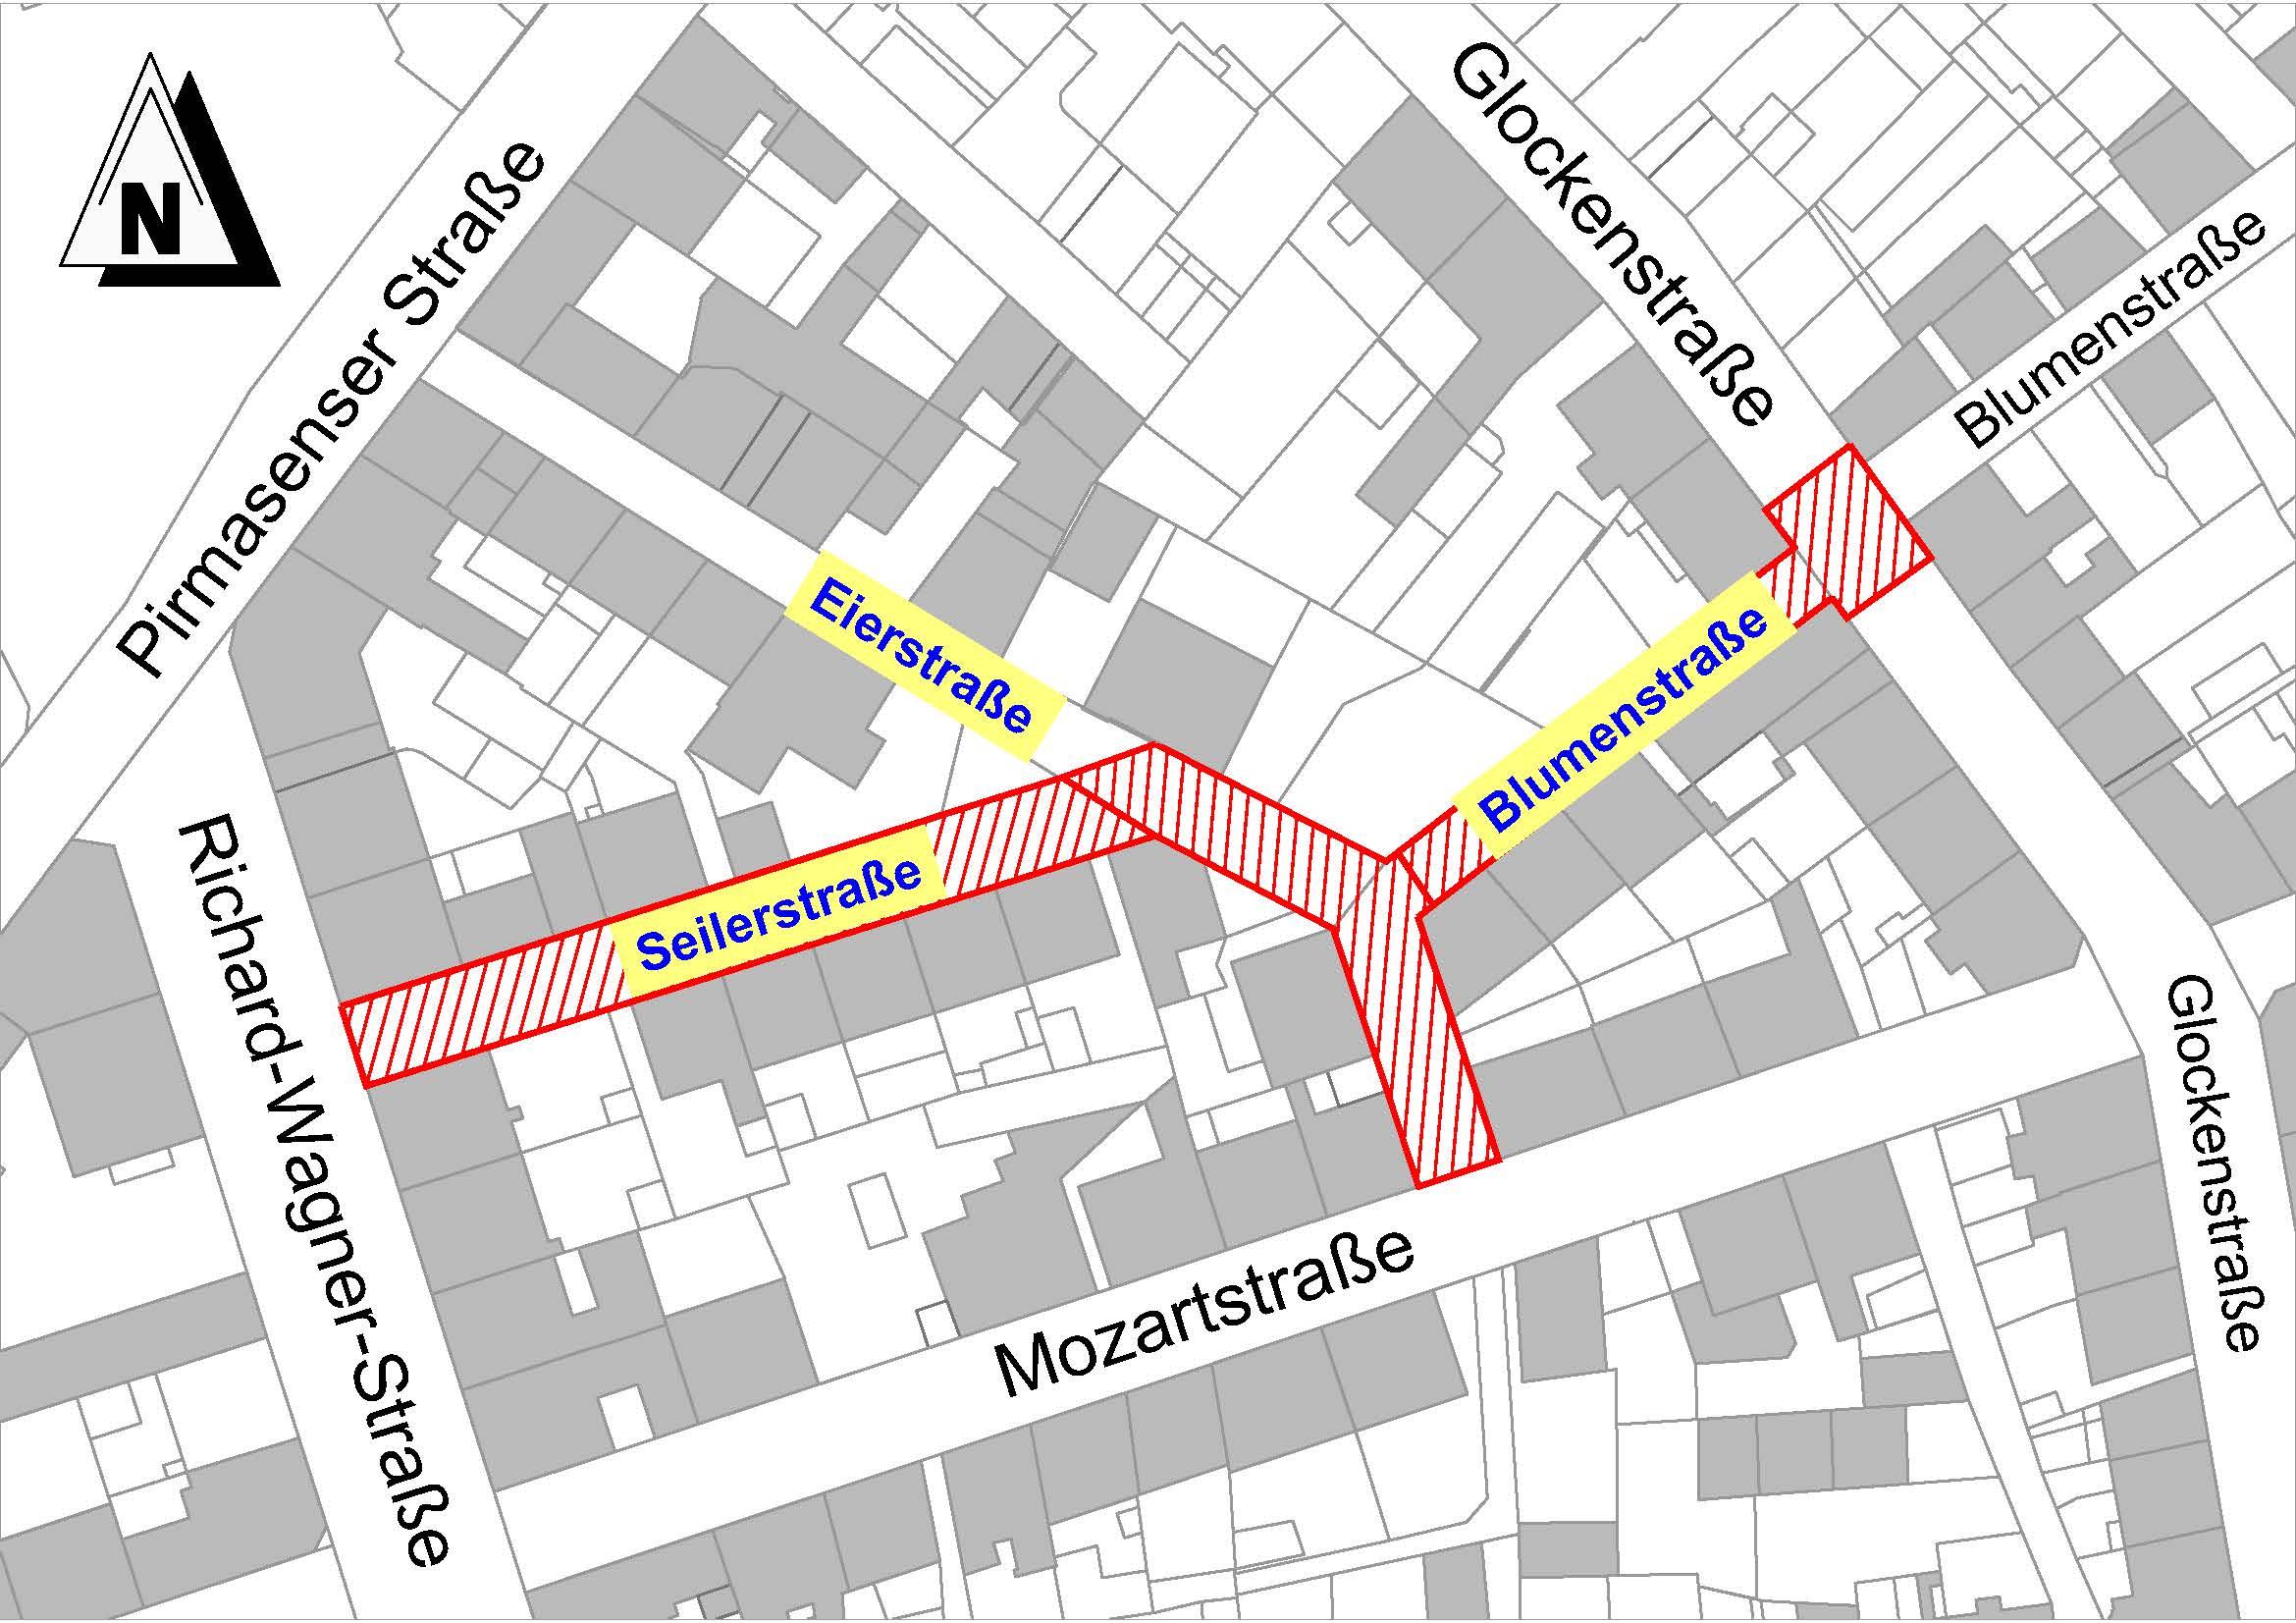 Vollsperrung der Seiler-, Eier- und Blumenstraße